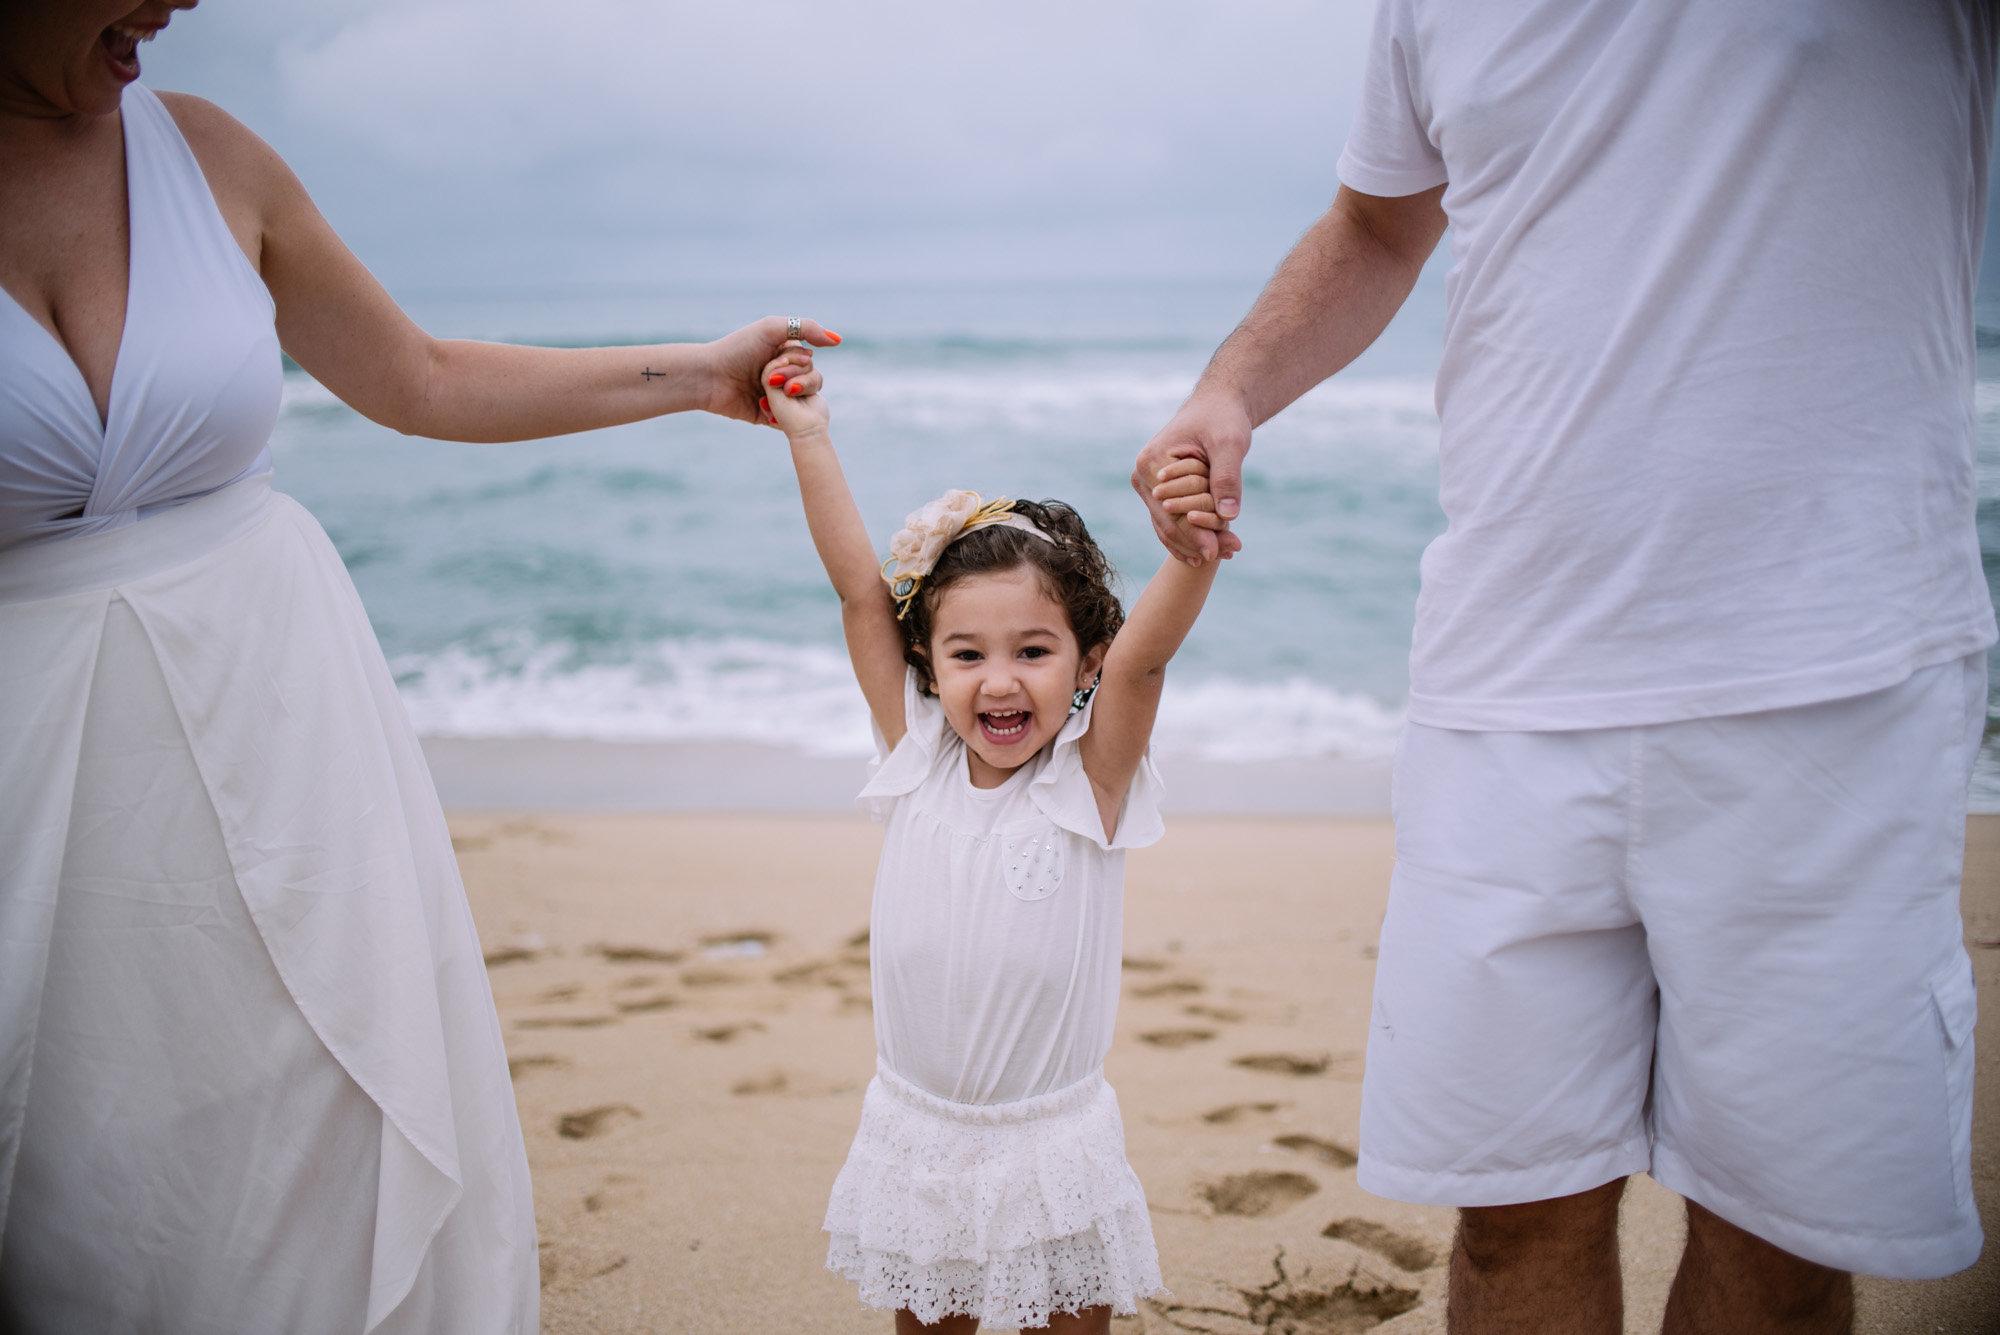 melhores momentos em família na praia